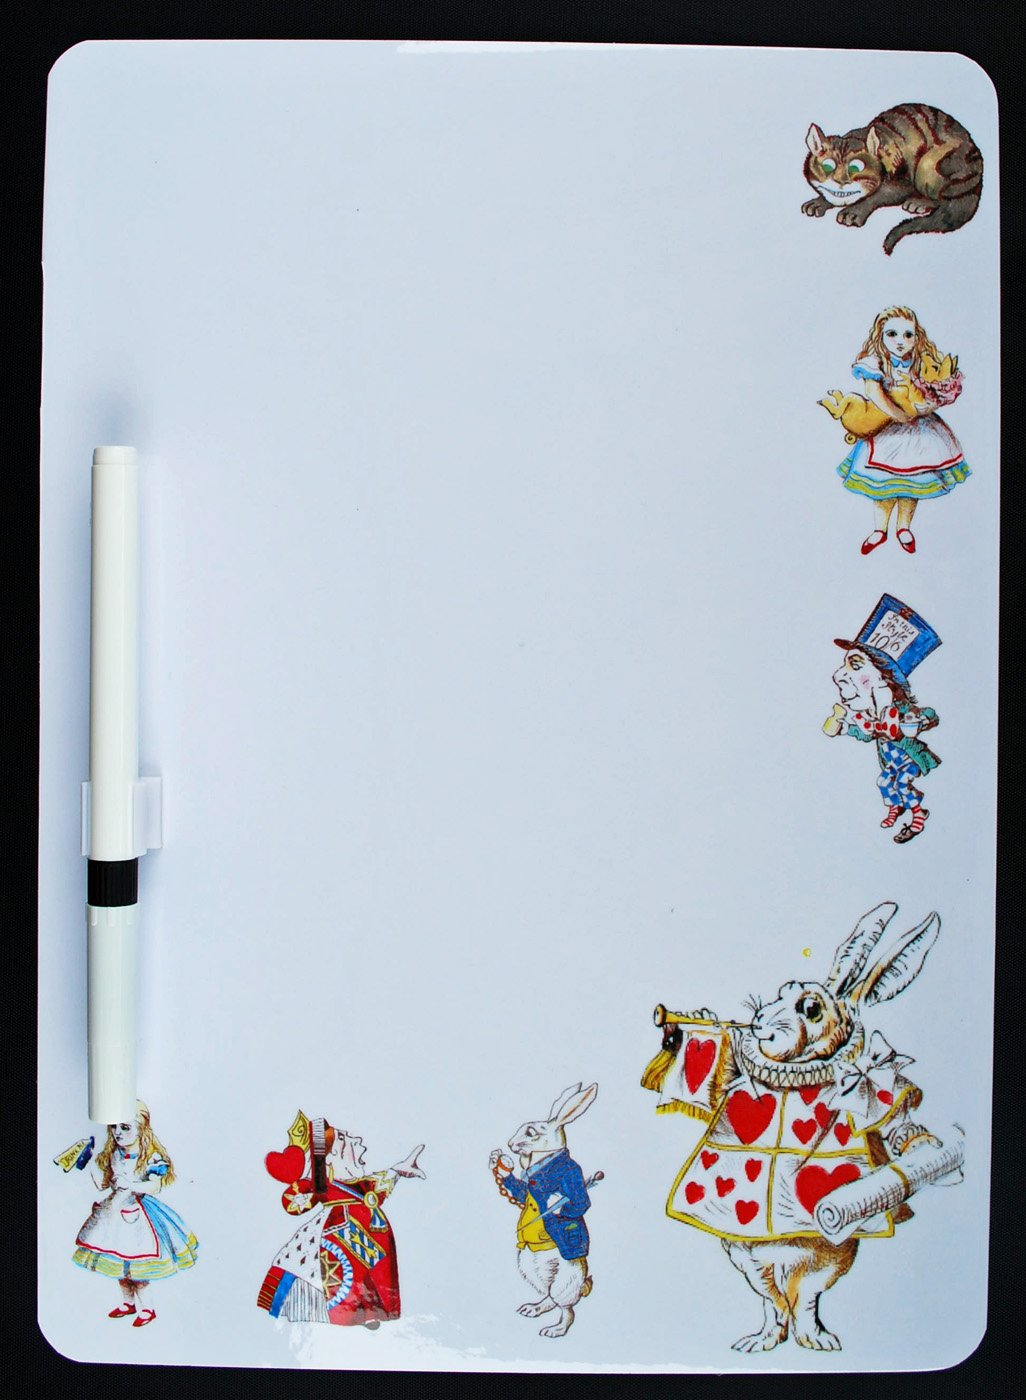 Alice in Wonderland White Rabbit Dry Wipe Memo Board - AW6